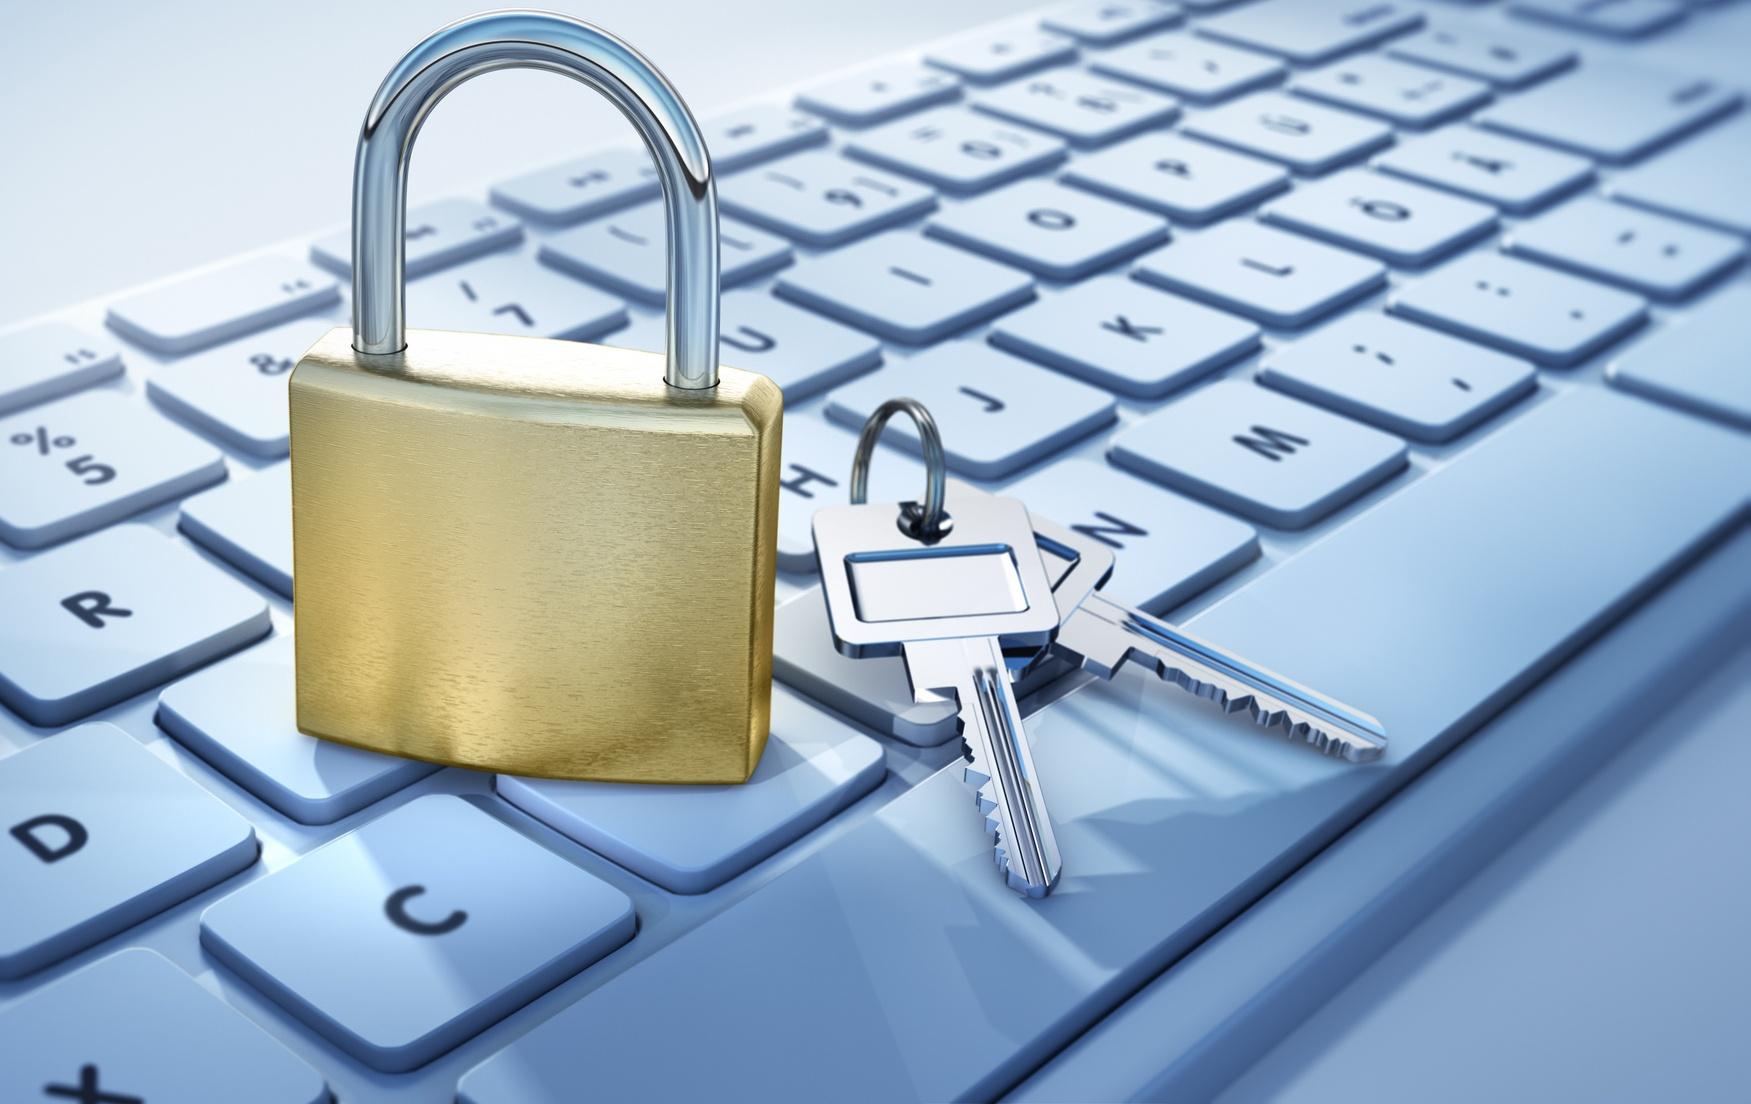 Комплексная защита сайта: специализированные услуги компании Strust